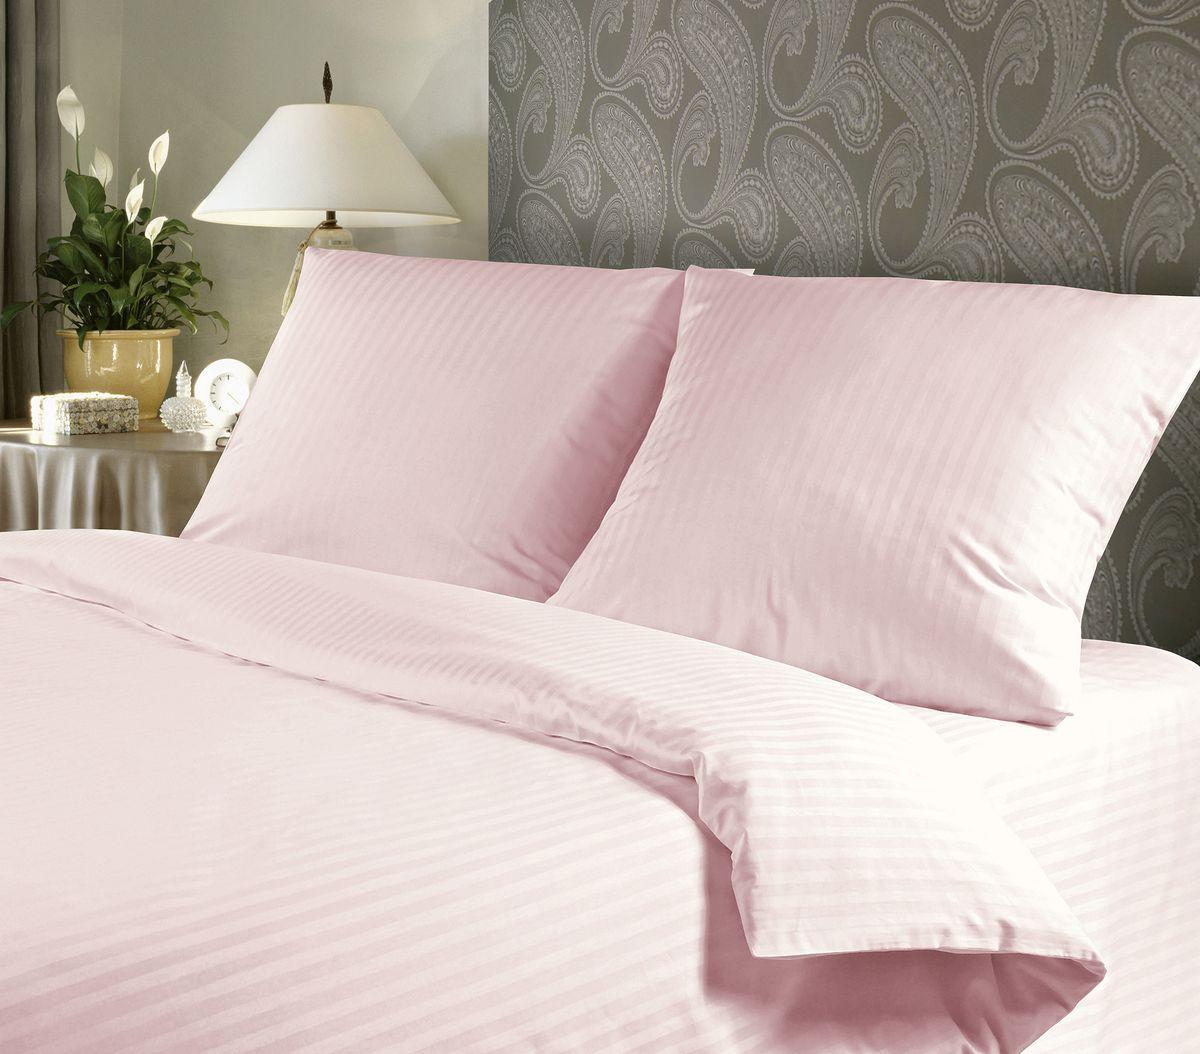 Комплект белья Verossa, 2-спальный, наволочки 70х70, цвет: розовый4630003364517Сатин - настоящая роскошь для любителей понежиться в постели. Вас манит его блеск, завораживает гладкость, ласкает мягкость, и каждая минута с ним - истинное наслаждение.Тонкая пряжа и атласное переплетение нитей обеспечивают сатину мягкость и деликатность.Легкий блеск сатина делает дизайны живыми и переливающимися.100% хлопок, не электризуется и отлично пропускает воздух, ткань дышит.Легко стирается и практически не требует глажения.Не линяет, не изменяет вид после многочисленных стирок.